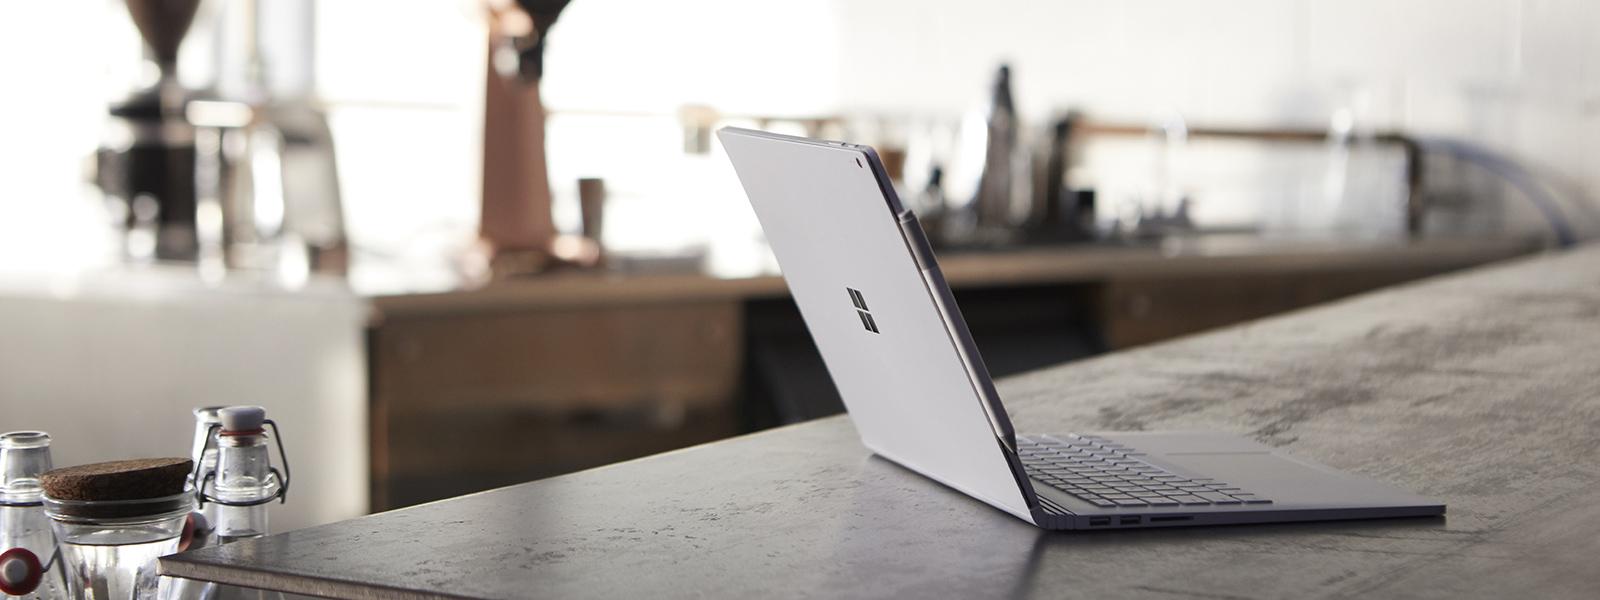 Surface Book 2 com Caneta para Surface sobre uma mesa